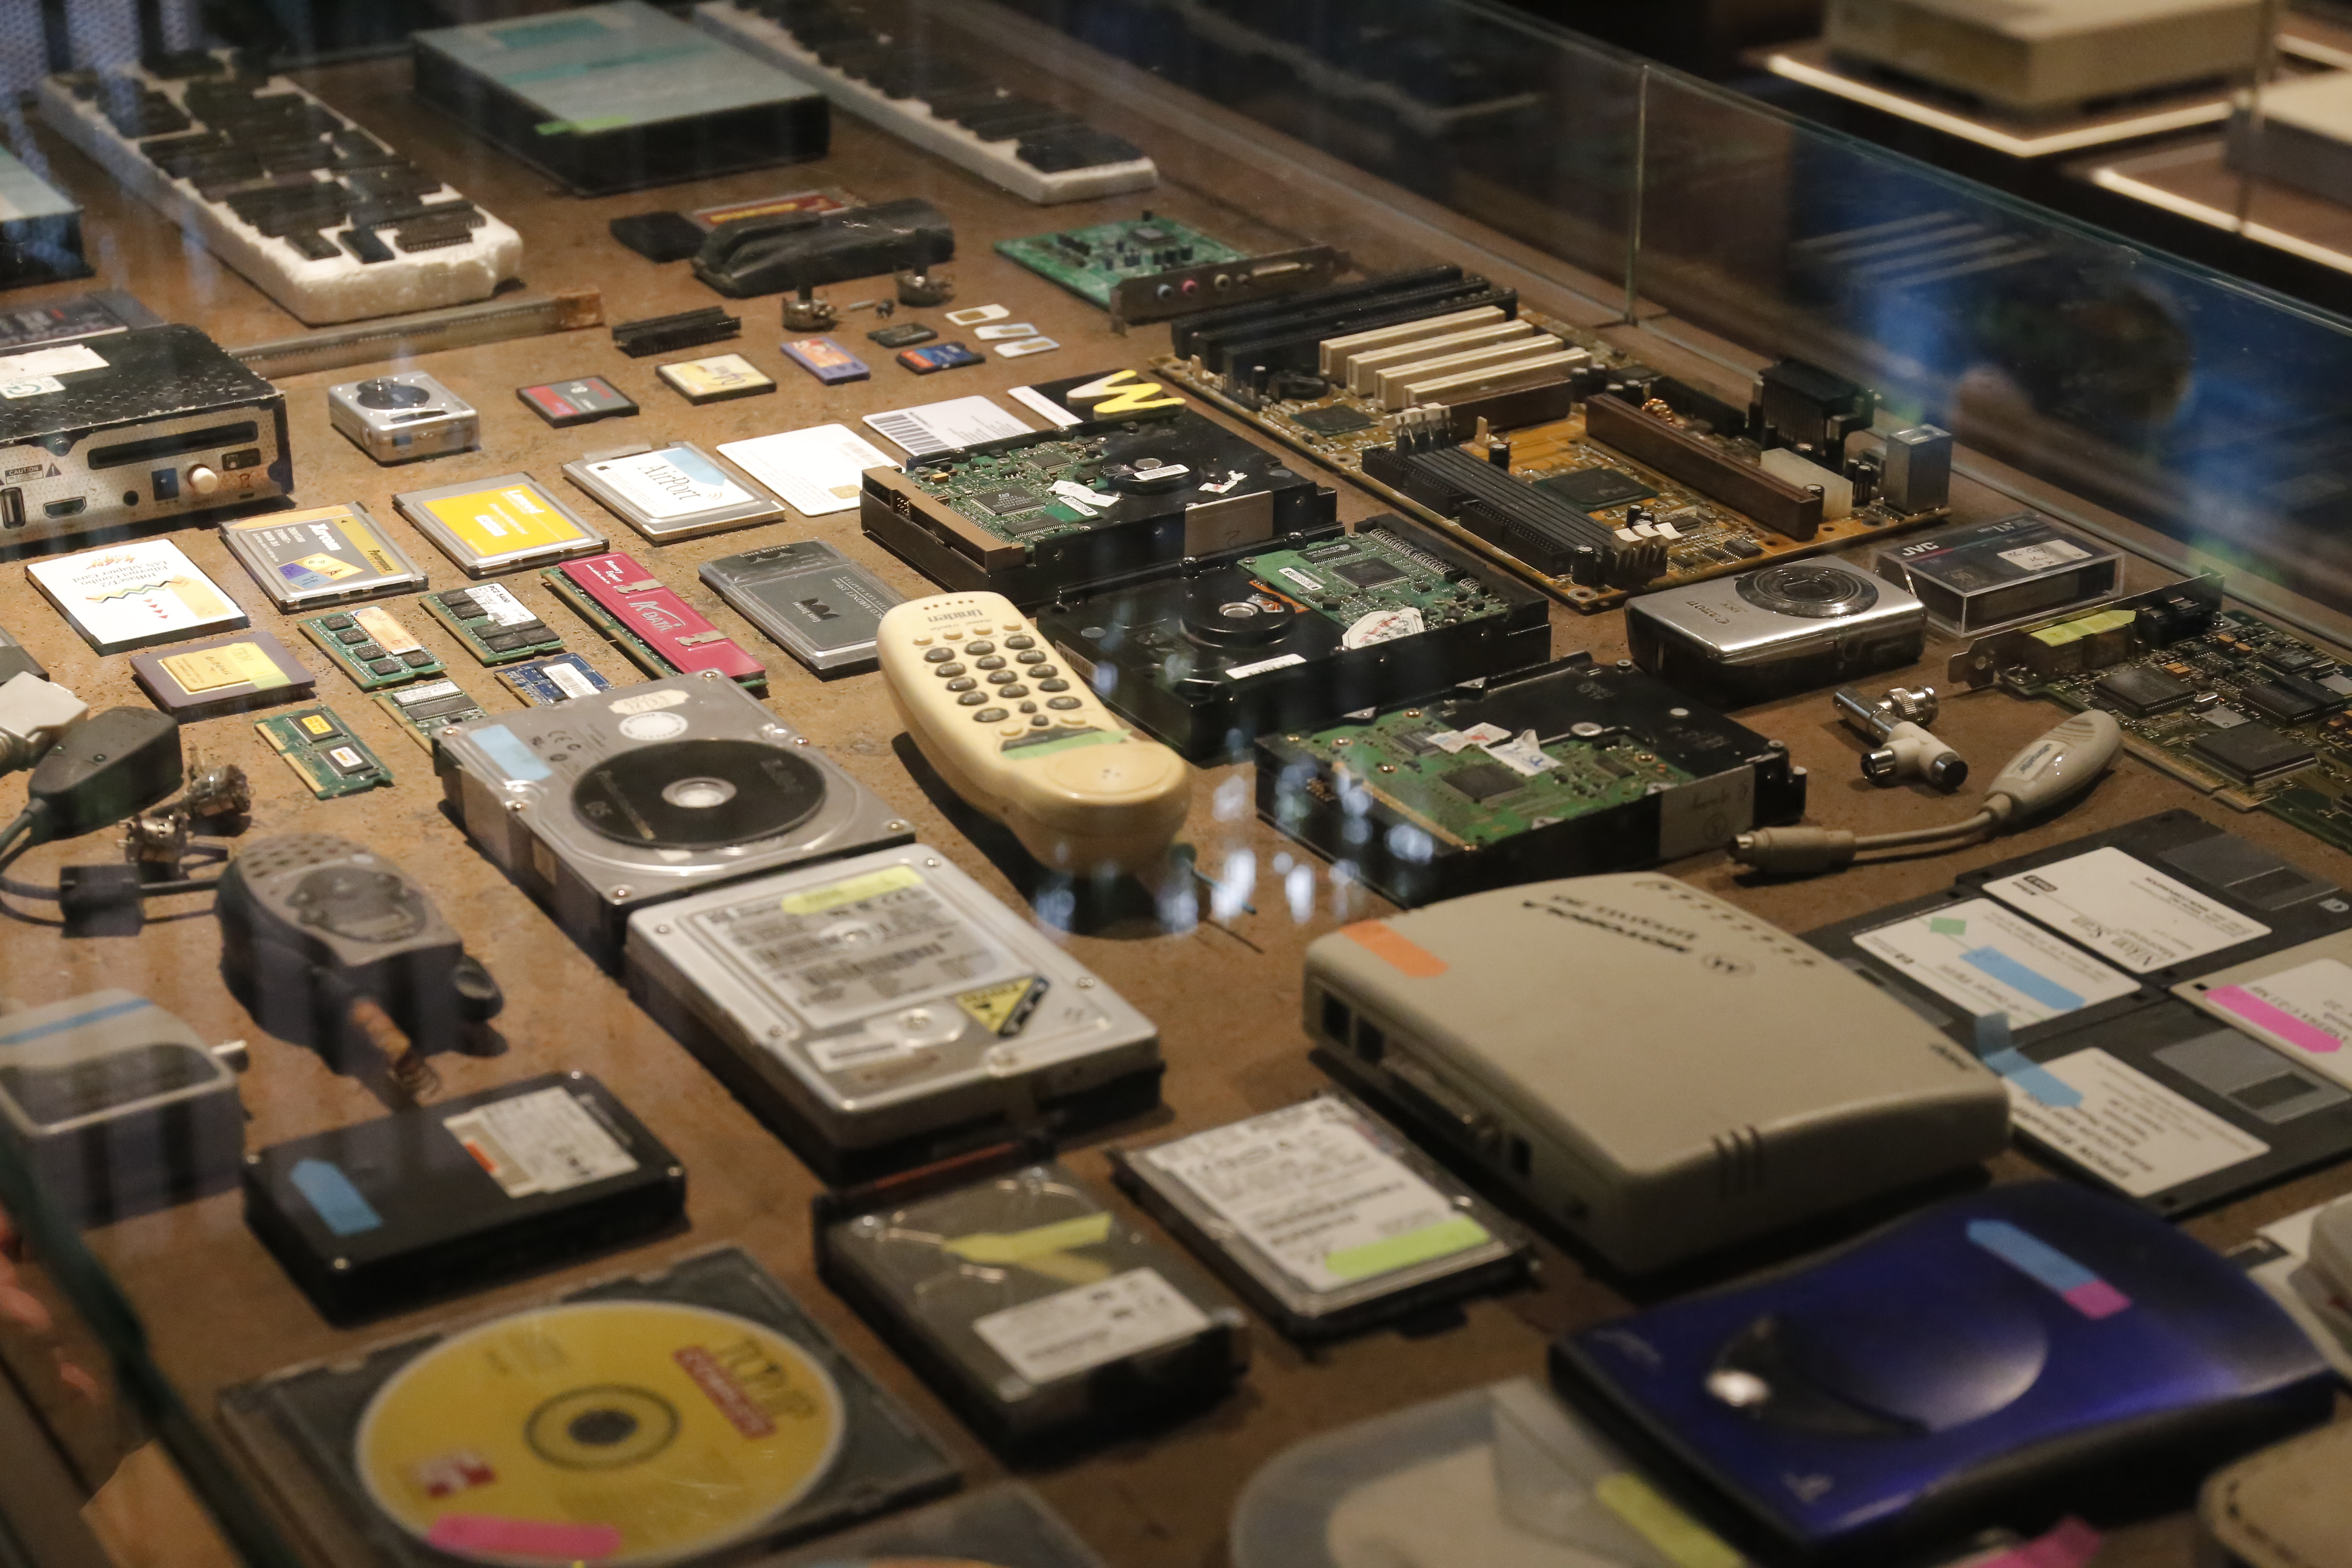 Một góc các linh kiện, thiết bị được trưng bày tại bảo tàng. Các hiện vật này được chia làm 3 nhóm phần cứng, phần mềm và mạng.